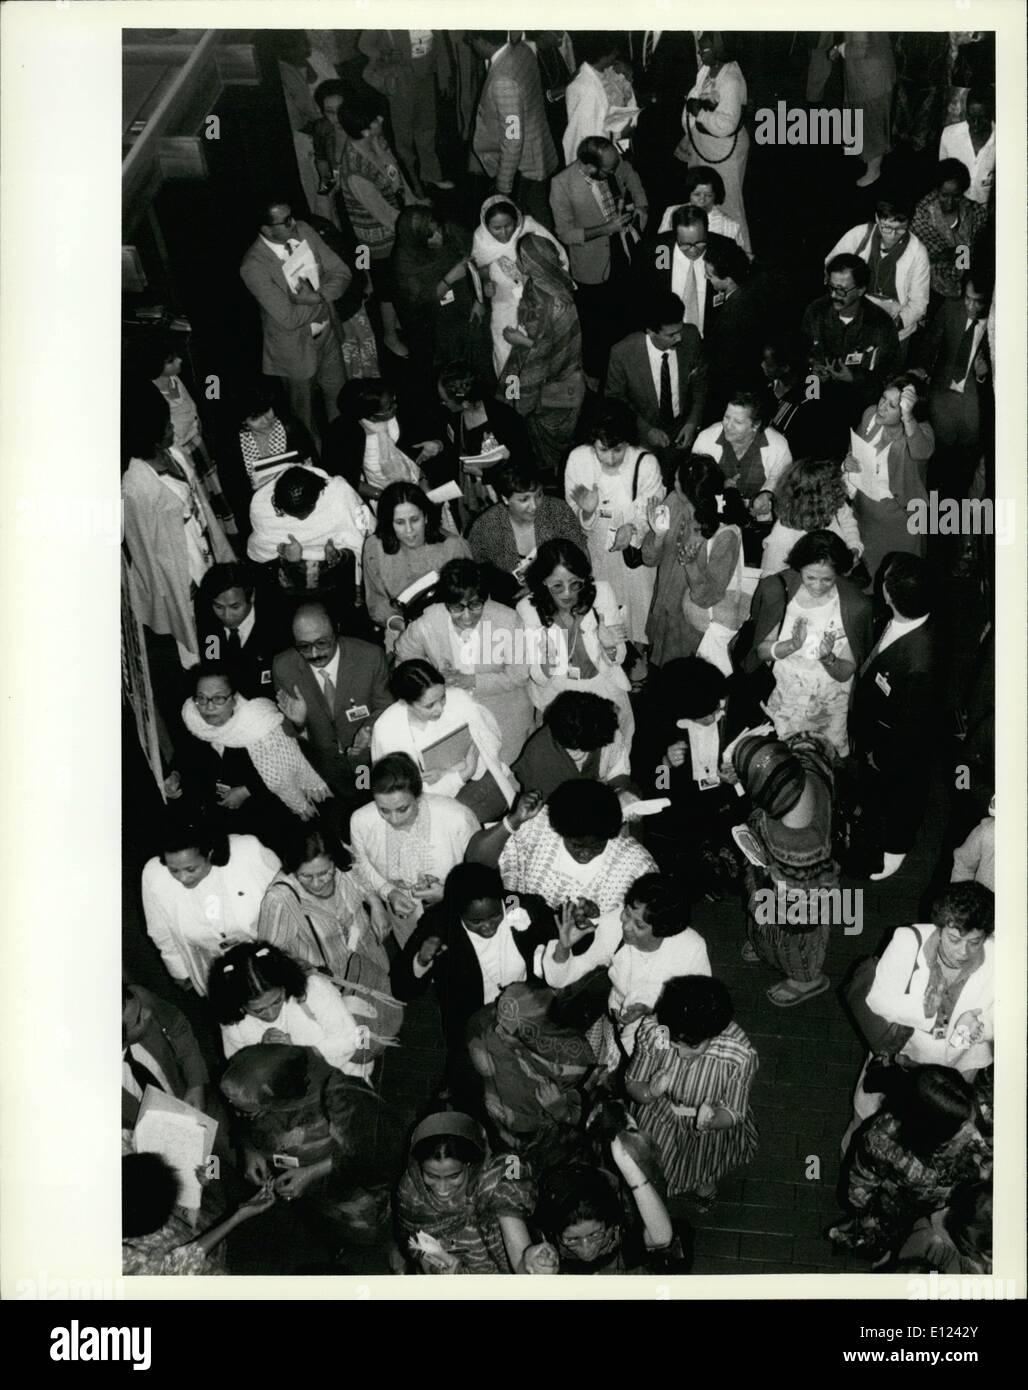 7. Juli 1985 - trifft Konferenz über die Dekade der Vereinten Nationen Frauen sich in Nairobi; Die Welt Konferenz Markierung am Ende der UN-Dekade für Frauen, die in Nairobi am 15. Juli begann am 27 Juli mit Annahme durch einvernehmliche eines endgültigen Dokuments enthält Strategien, für den Rest des Jahrhunderts, die entworfen abgeschlossener, um die Statue von Frauen verbessern und in allen Aspekten der Entwicklung zu befragen. Vertreter von mehr als 140 Nationen nahmen an der Weltkonferenz zu überprüfen und bewerten die Leistungen der UN-Dekade für Frauen Stockbild